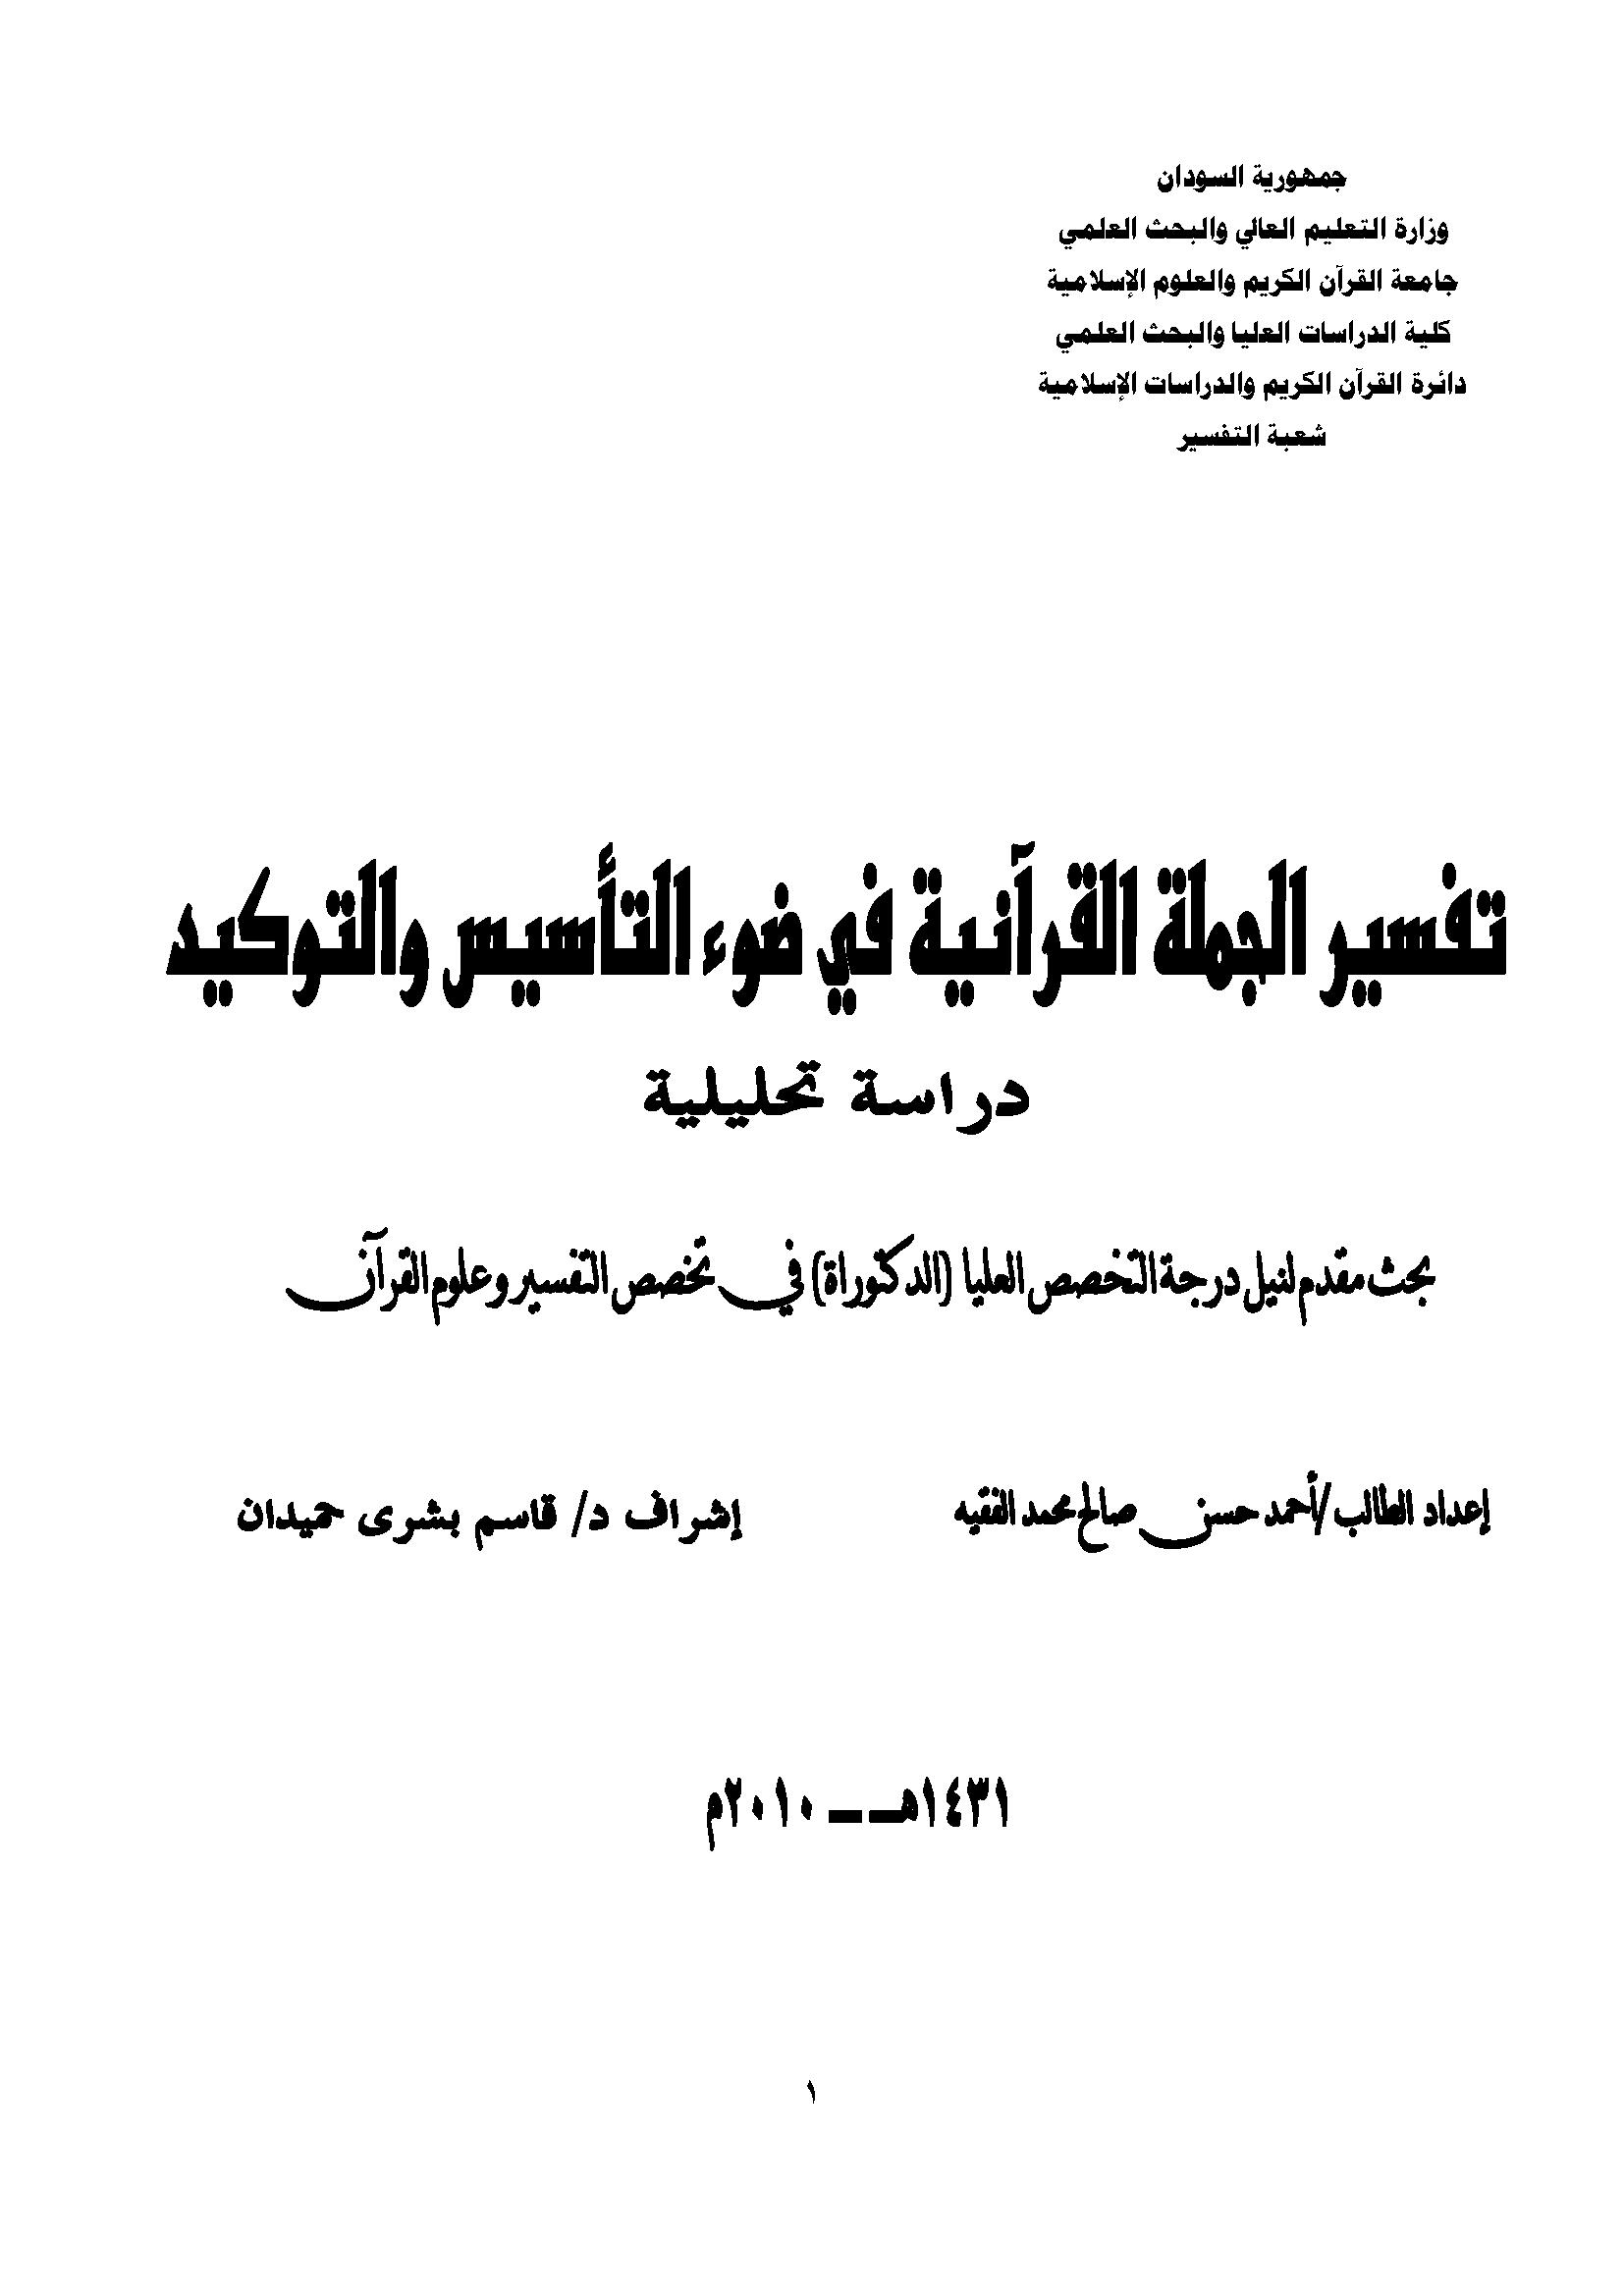 تحميل كتاب تفسير الجملة القرآنية في ضوء التأسيس والتوكيد (دراسة تحليلية) لـِ: الدكتور أحمد حسن صالح محمد الفقيه